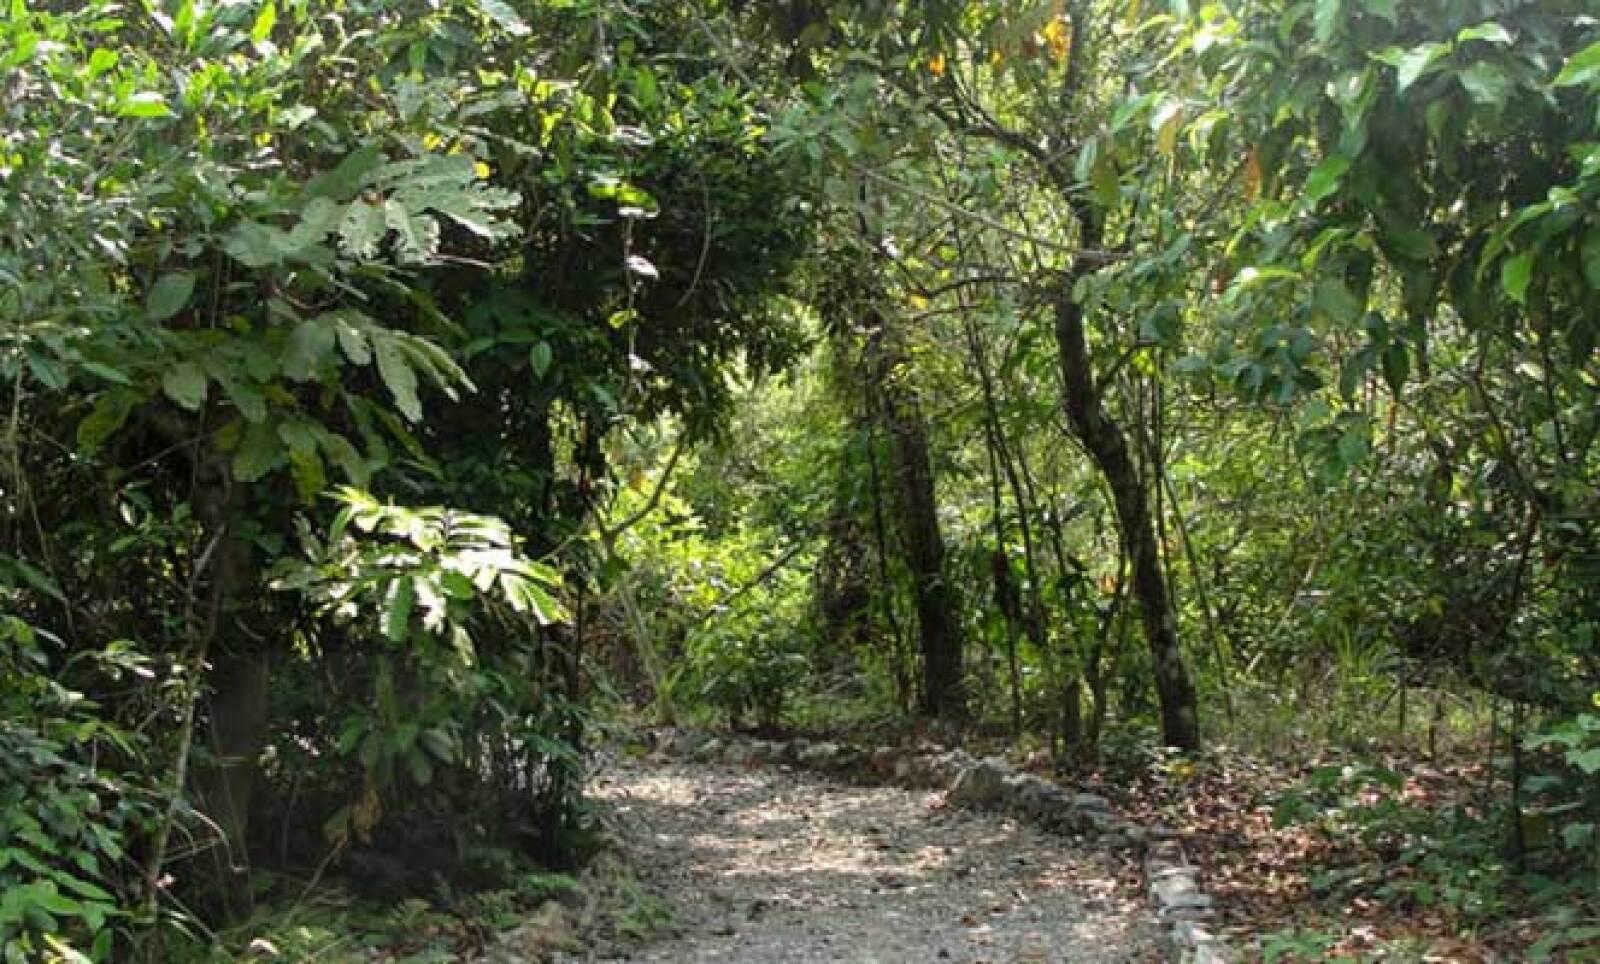 Los senderos del parque están diseñados para que los visitantes puedan conocer una parte de la selva en regeneración así como las especies que lo habitan, como el jaguaroundi, un felino nativo de Veracruz.